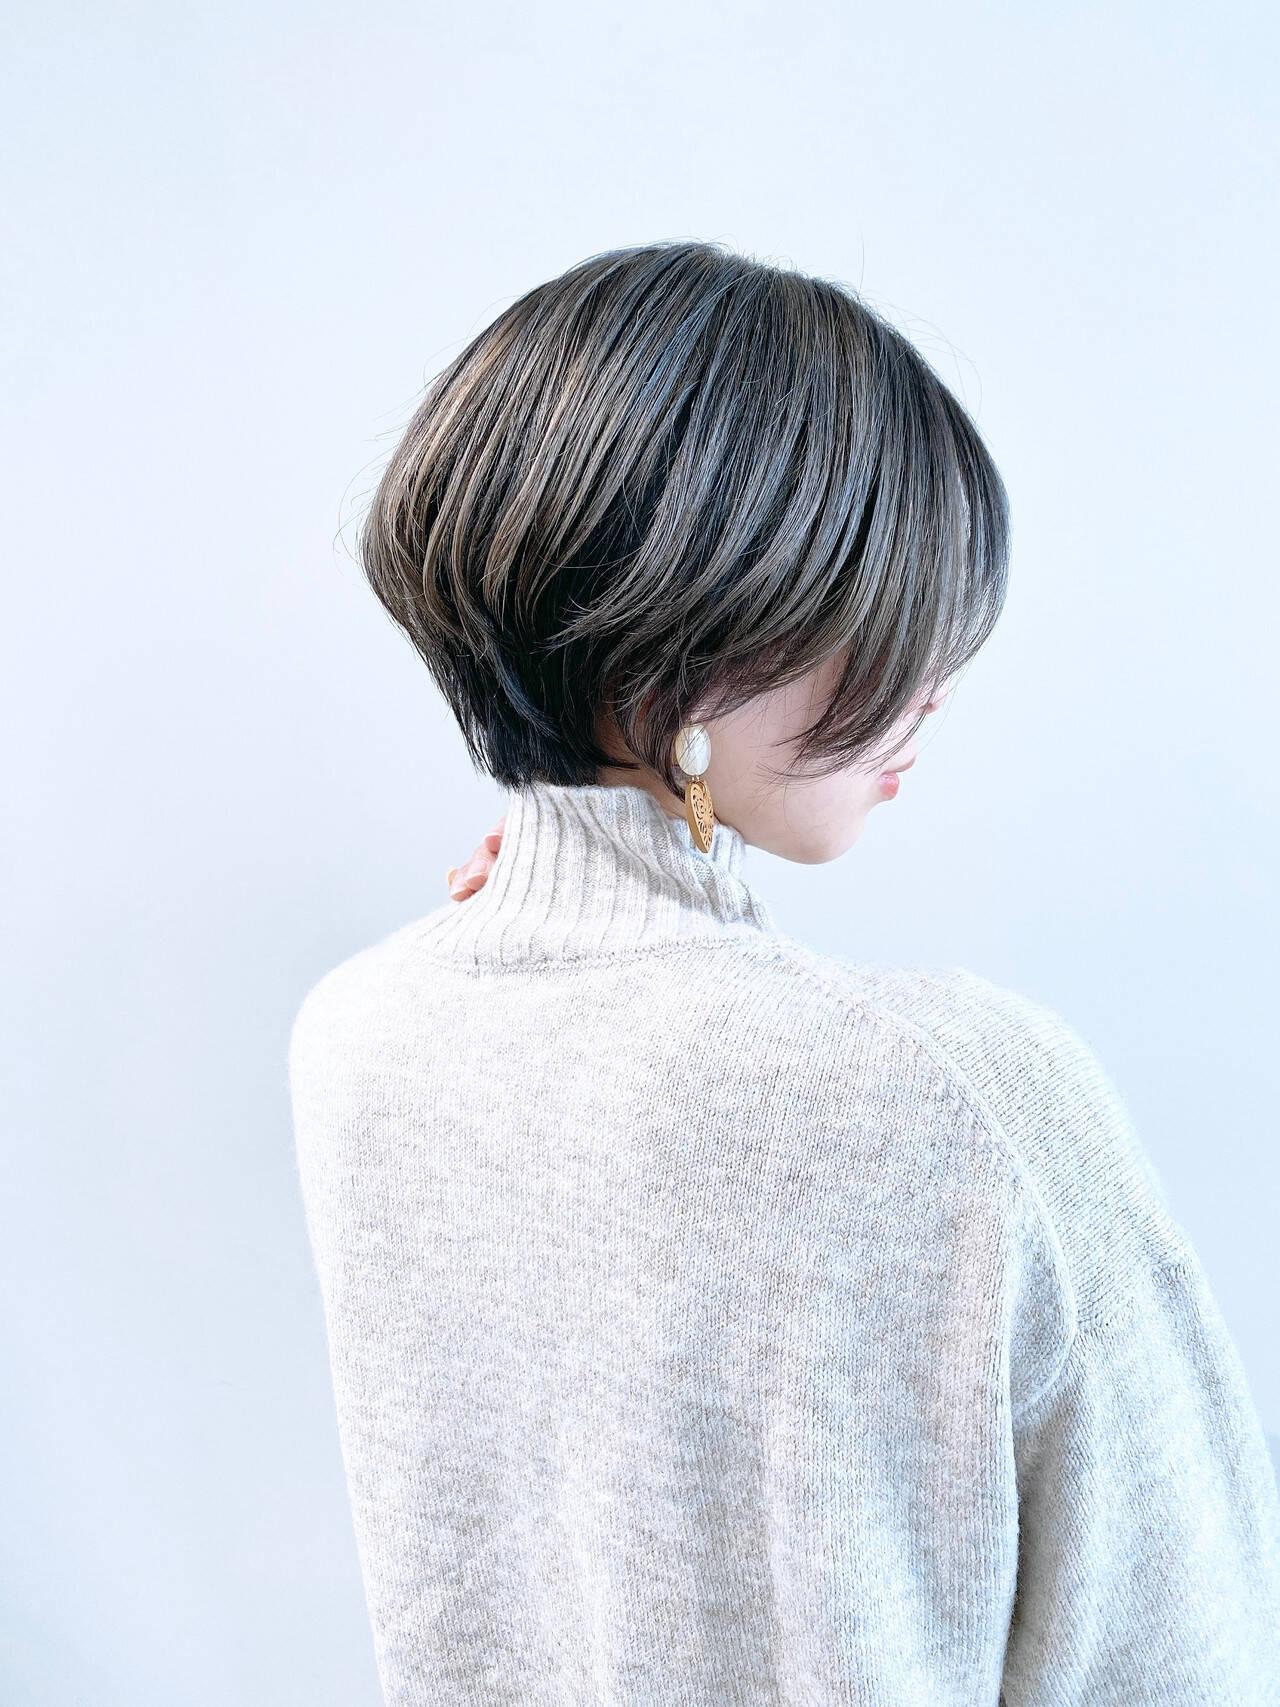 ナチュラル ショートボブ ショートヘア ミニボブヘアスタイルや髪型の写真・画像